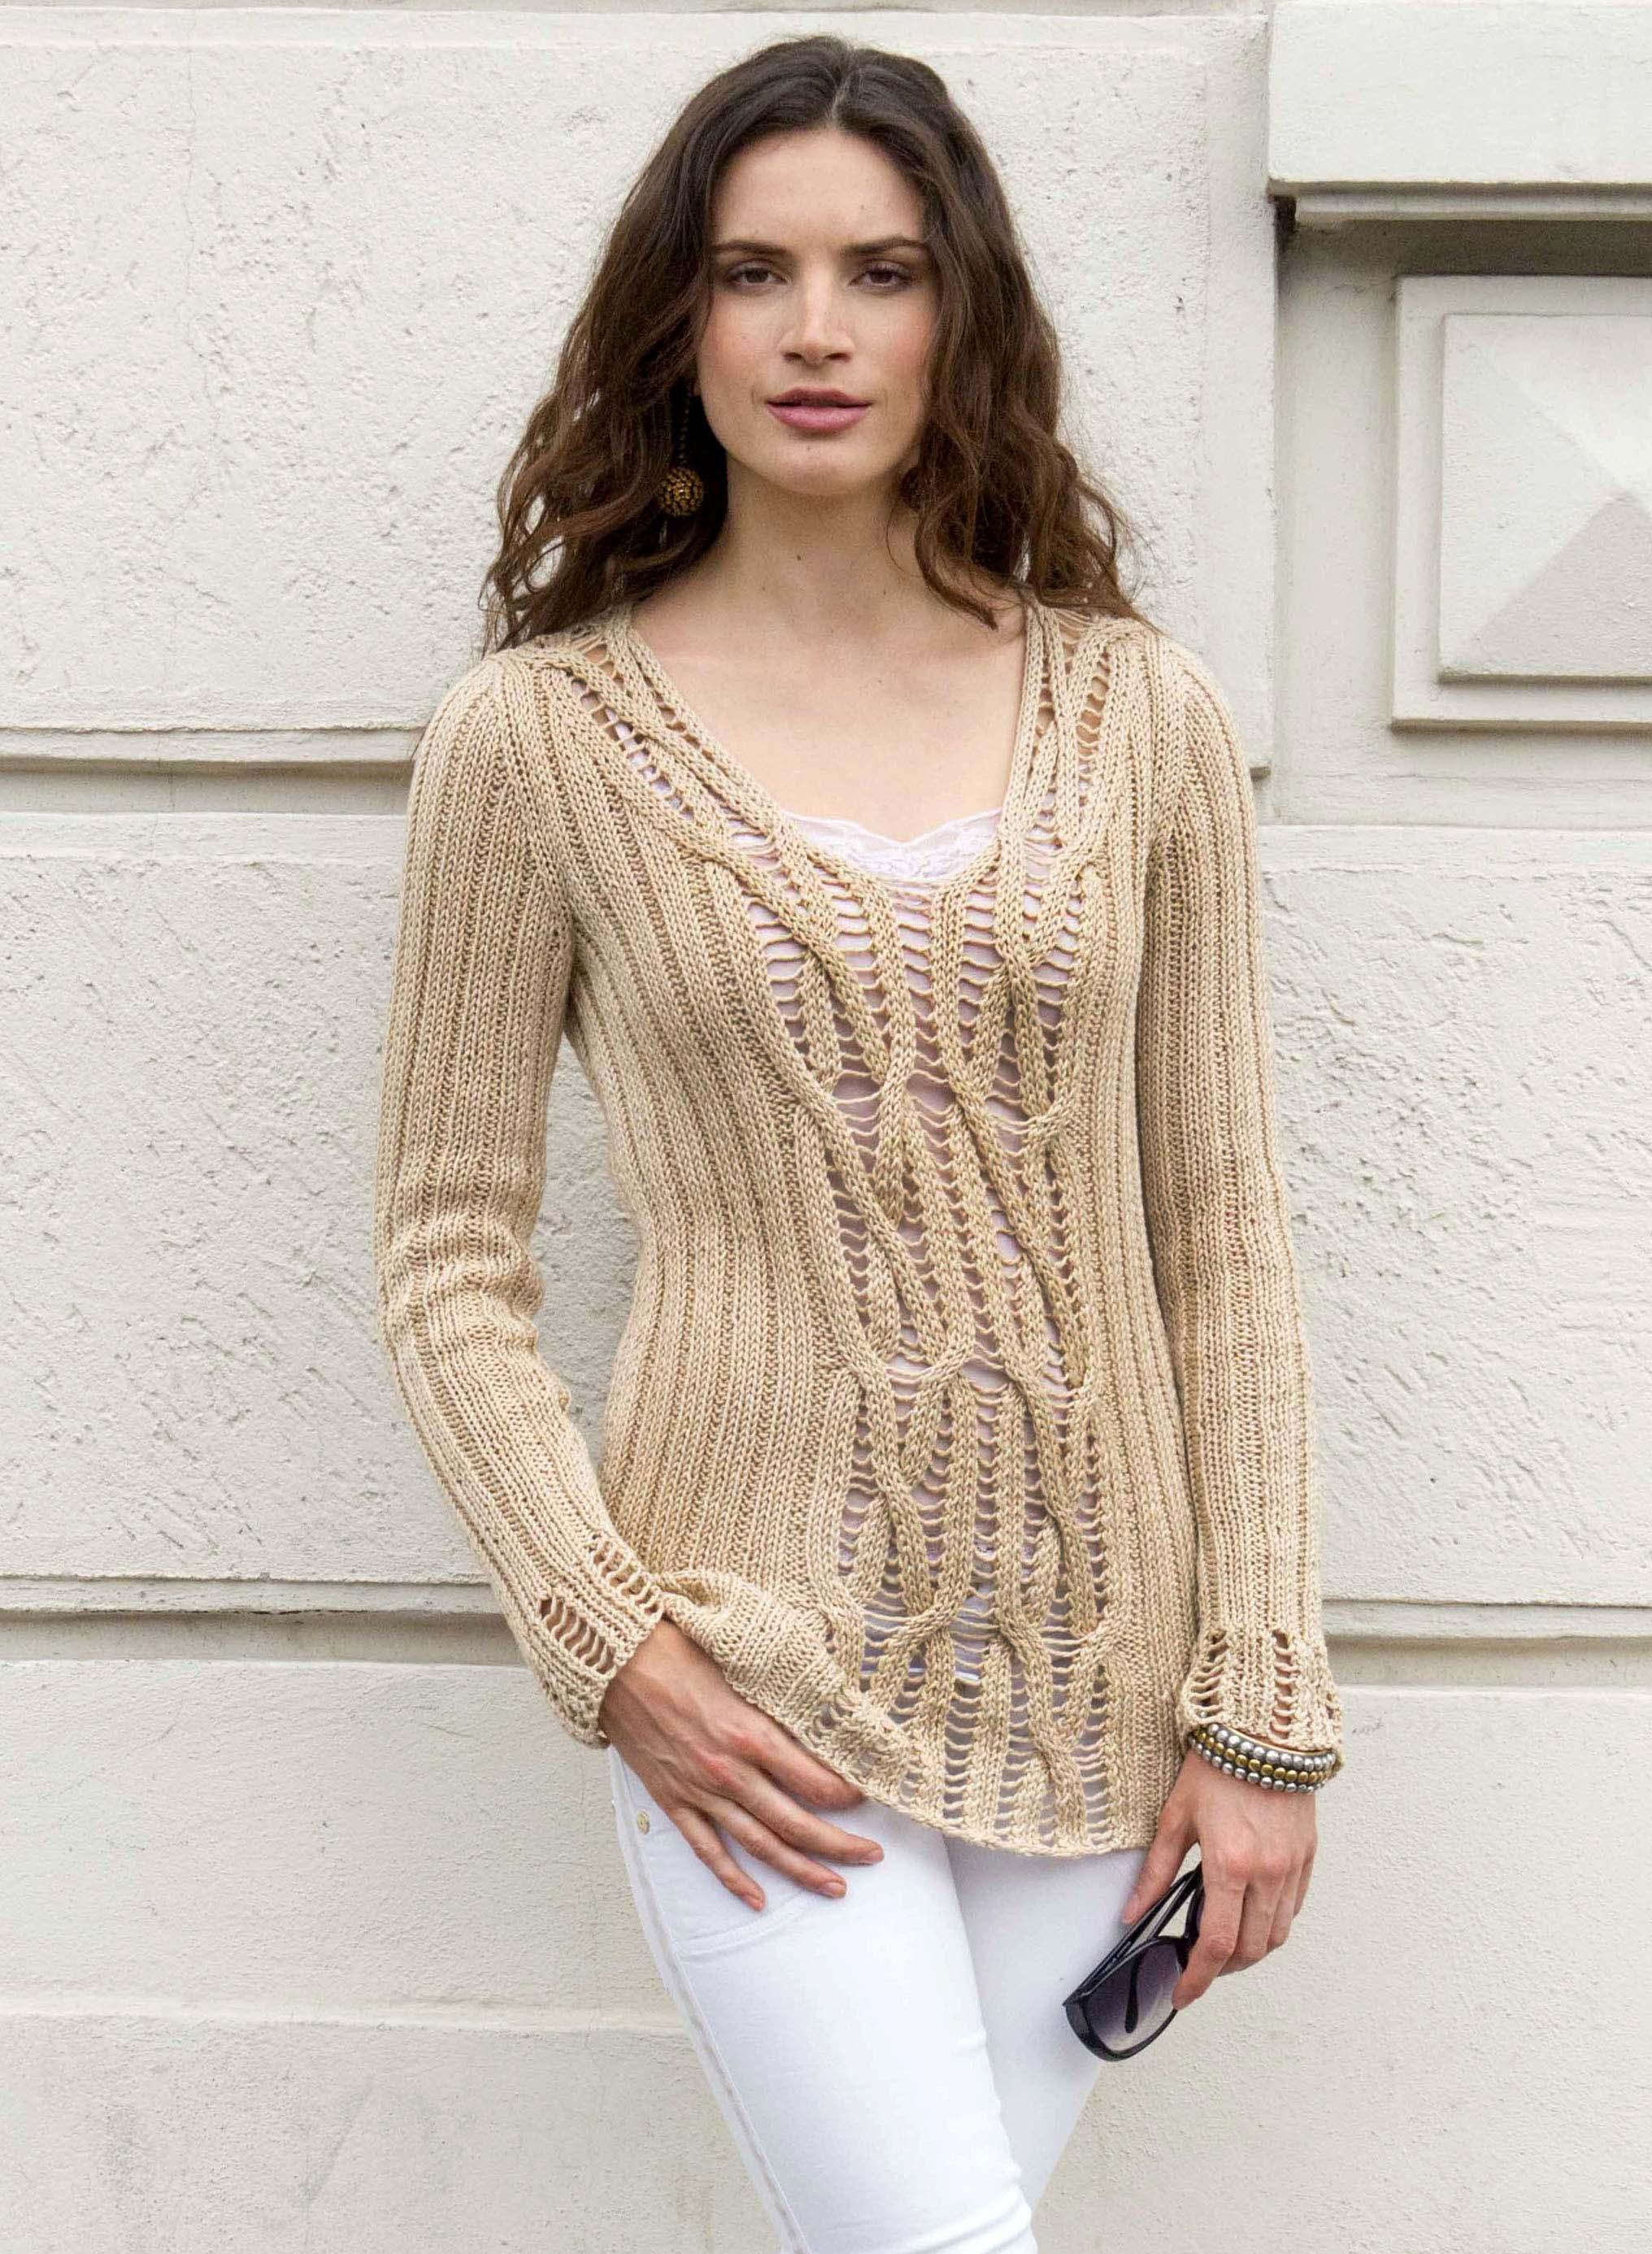 Giuliano&GiusyMarelli_Pull Onde di sabbia_Front_Knit 'd' Crochet Collection_.jpg